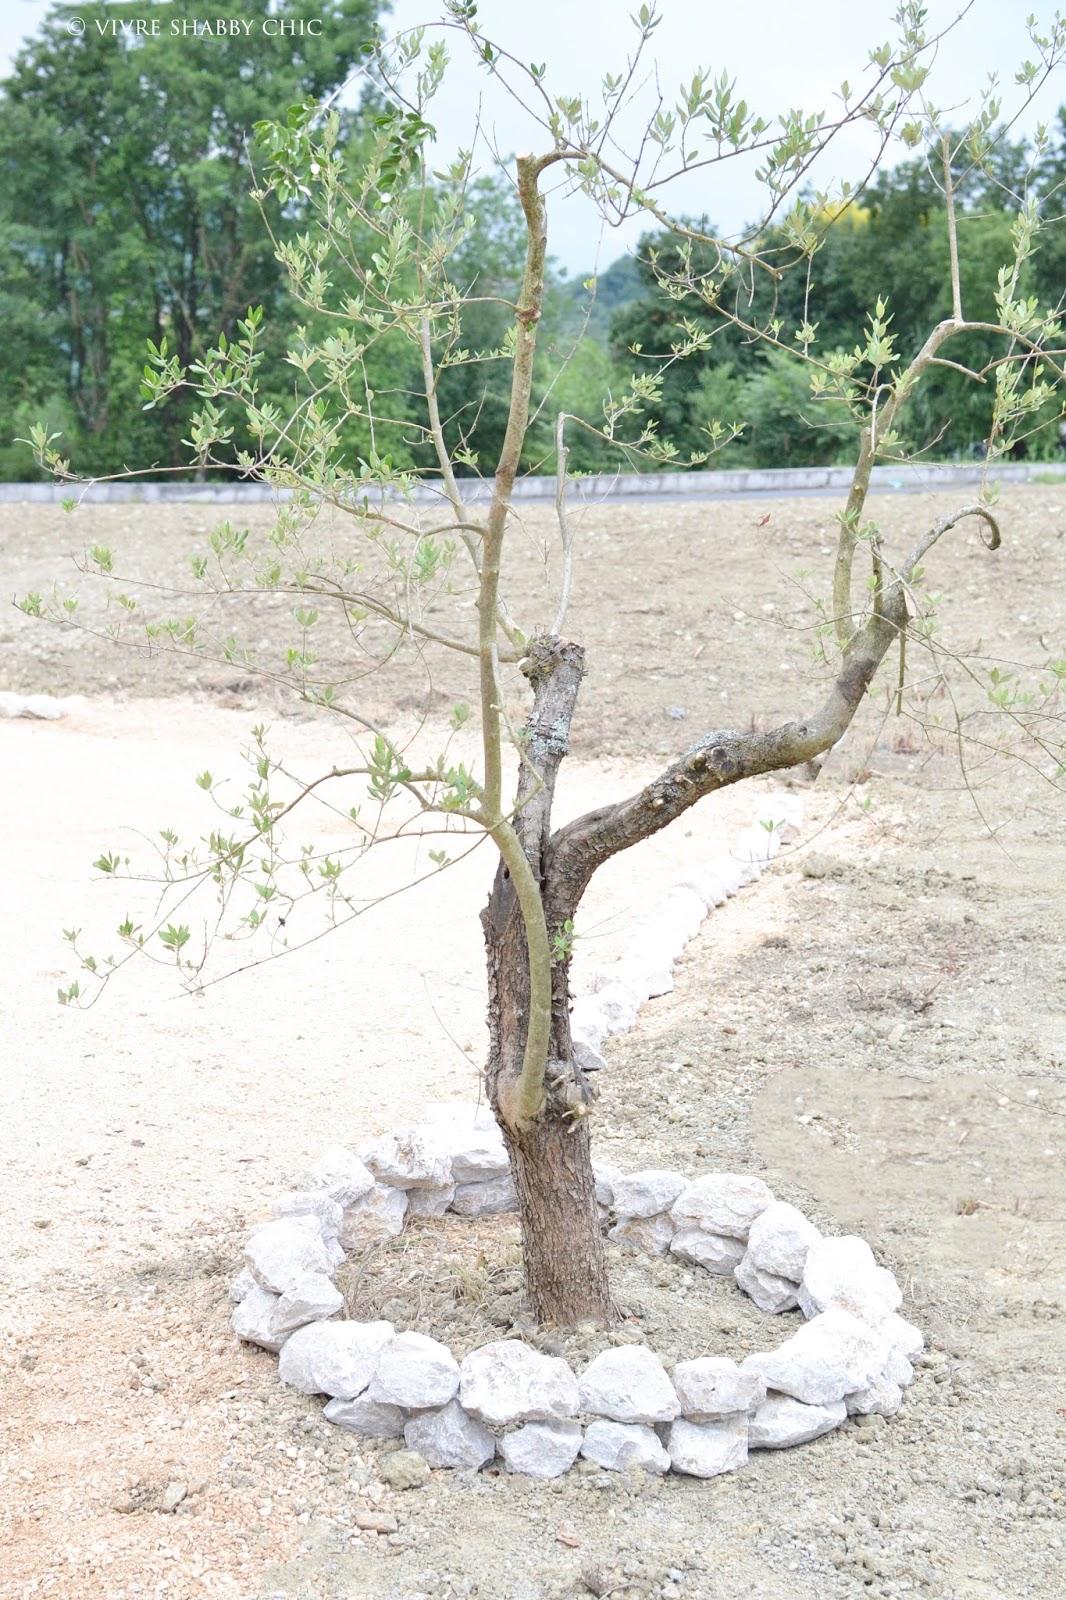 Vivre shabby chic progettare un giardino - Giardino con ulivo ...